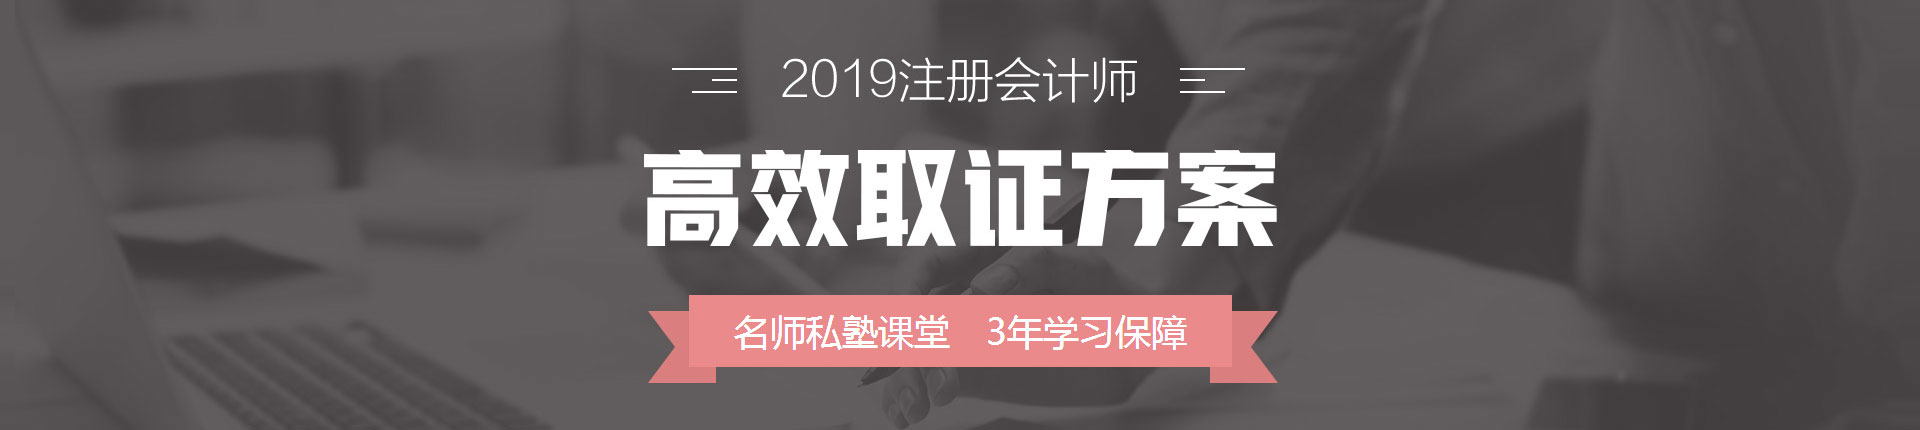 2019注册会计师培训课程